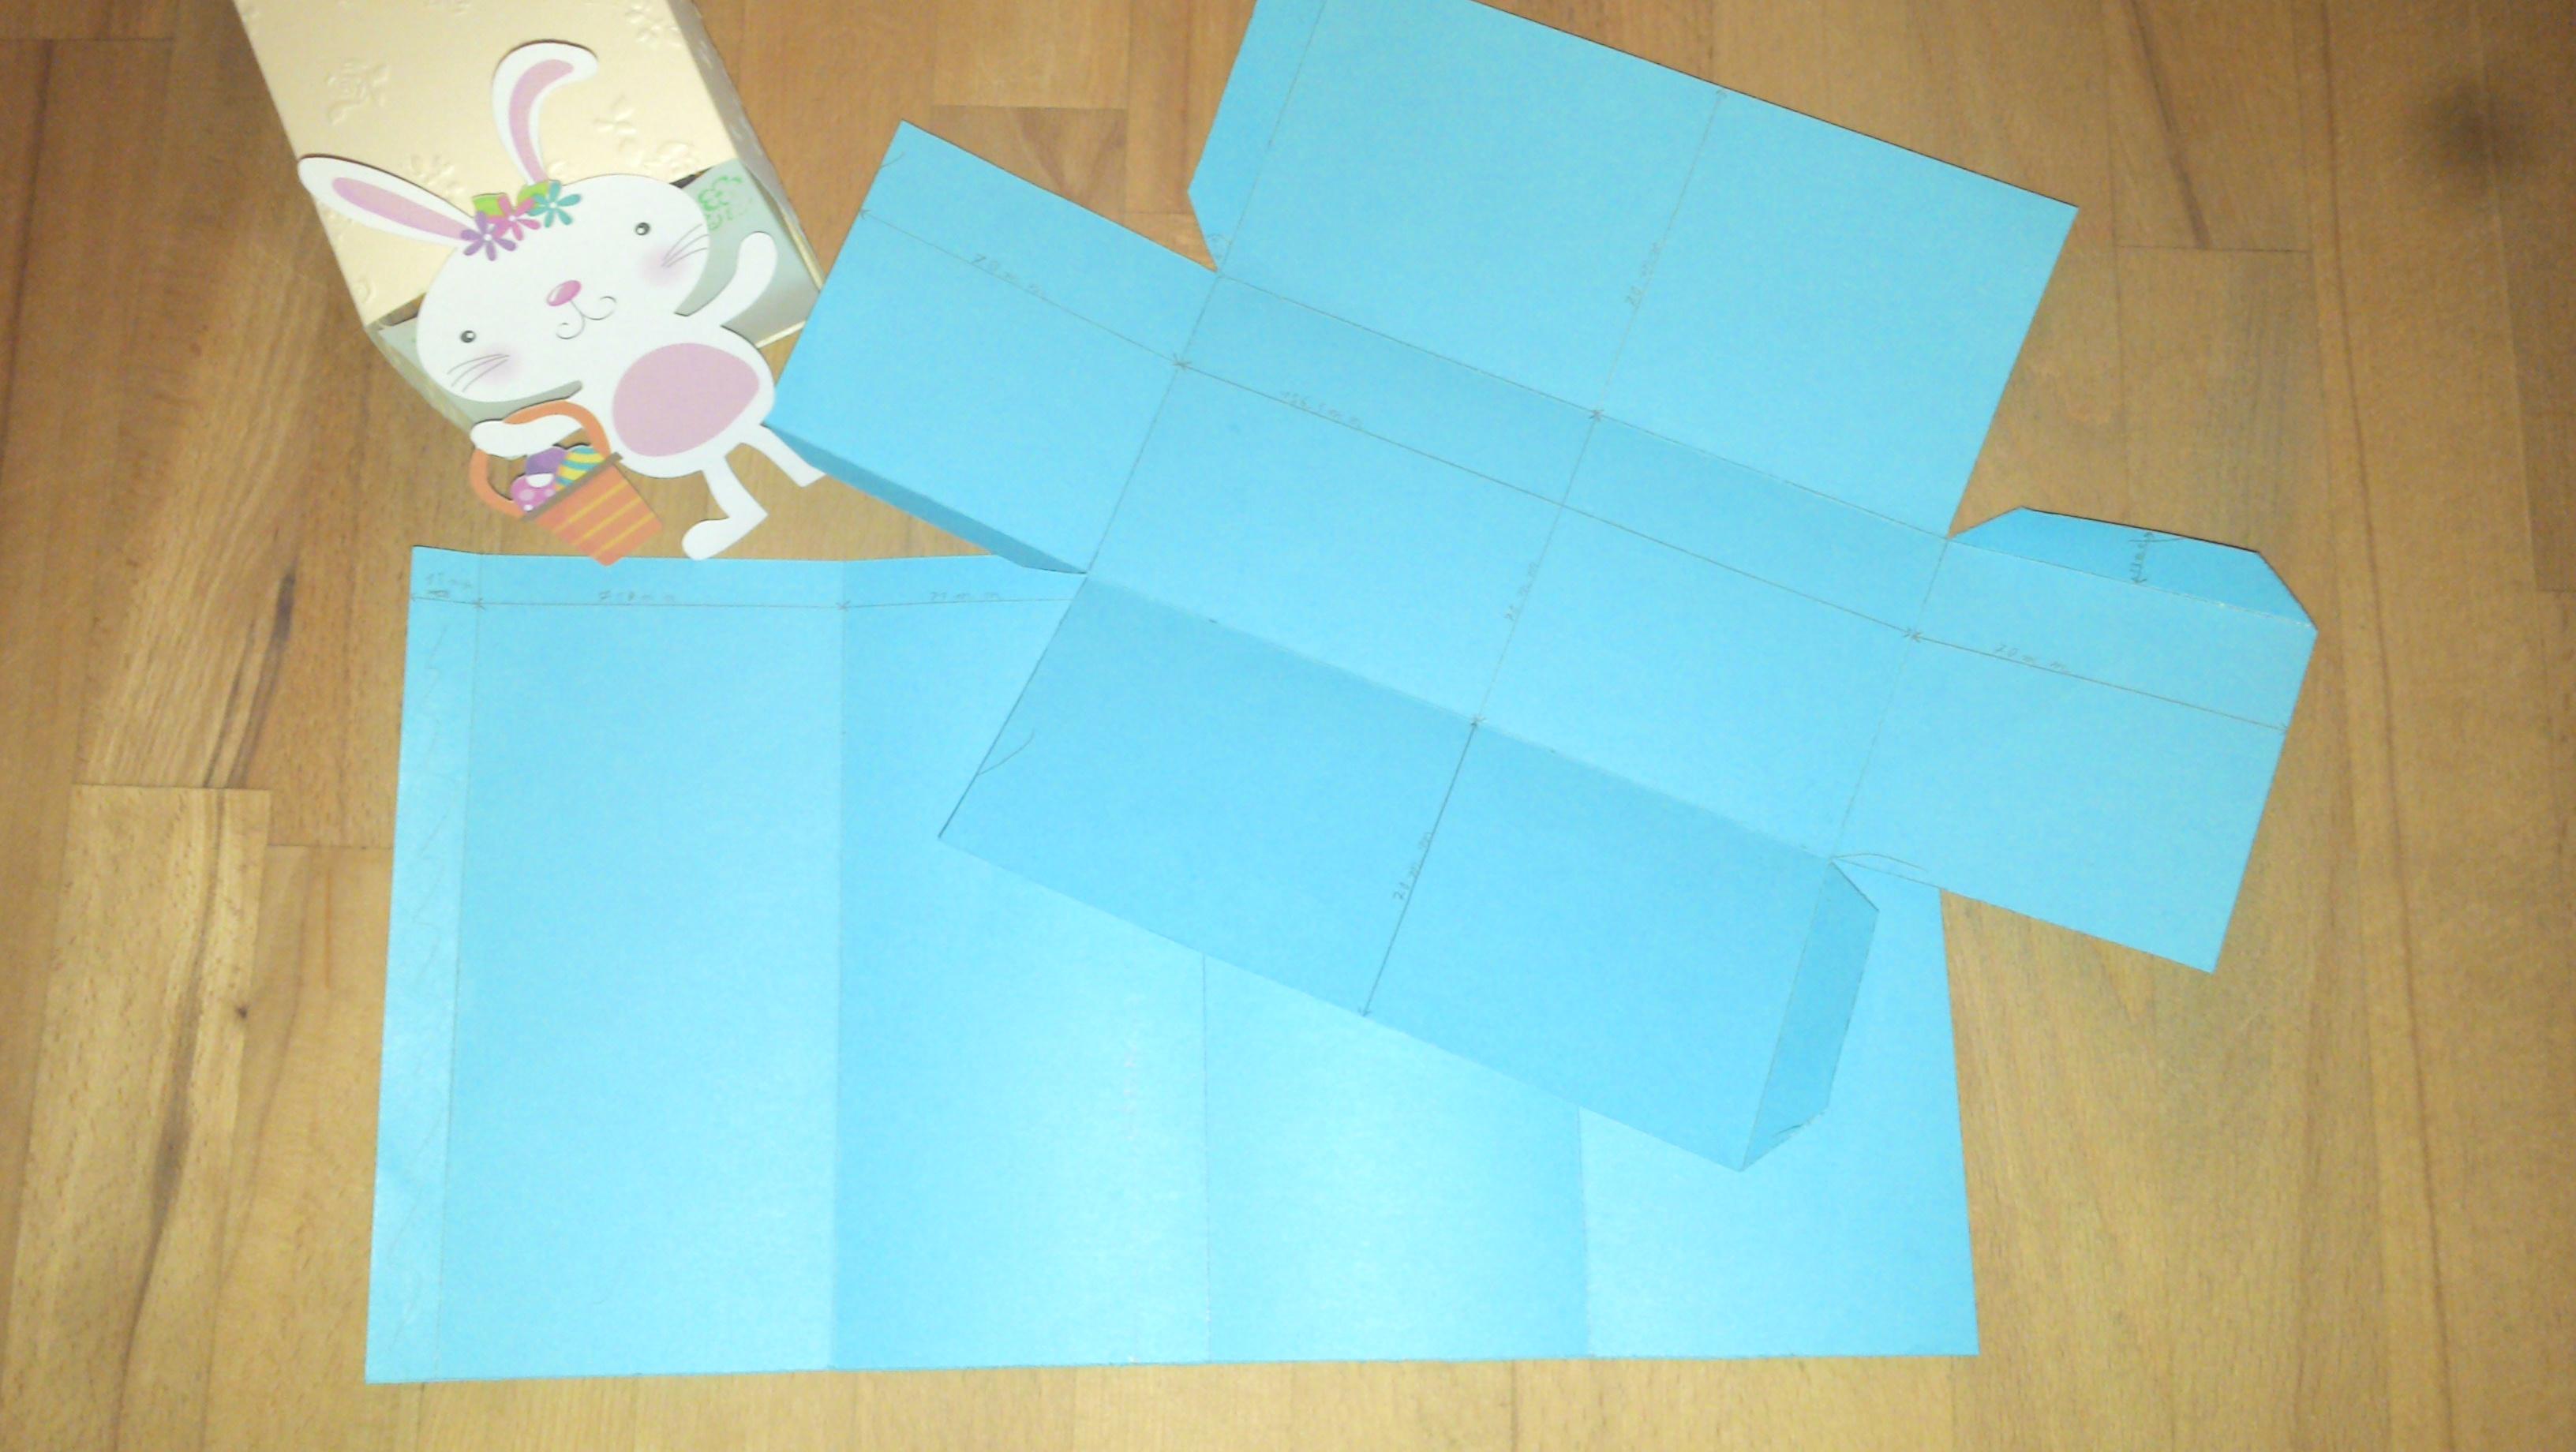 Häufig Macarons: Verpackung selbst machen | Blaublick.de MG48